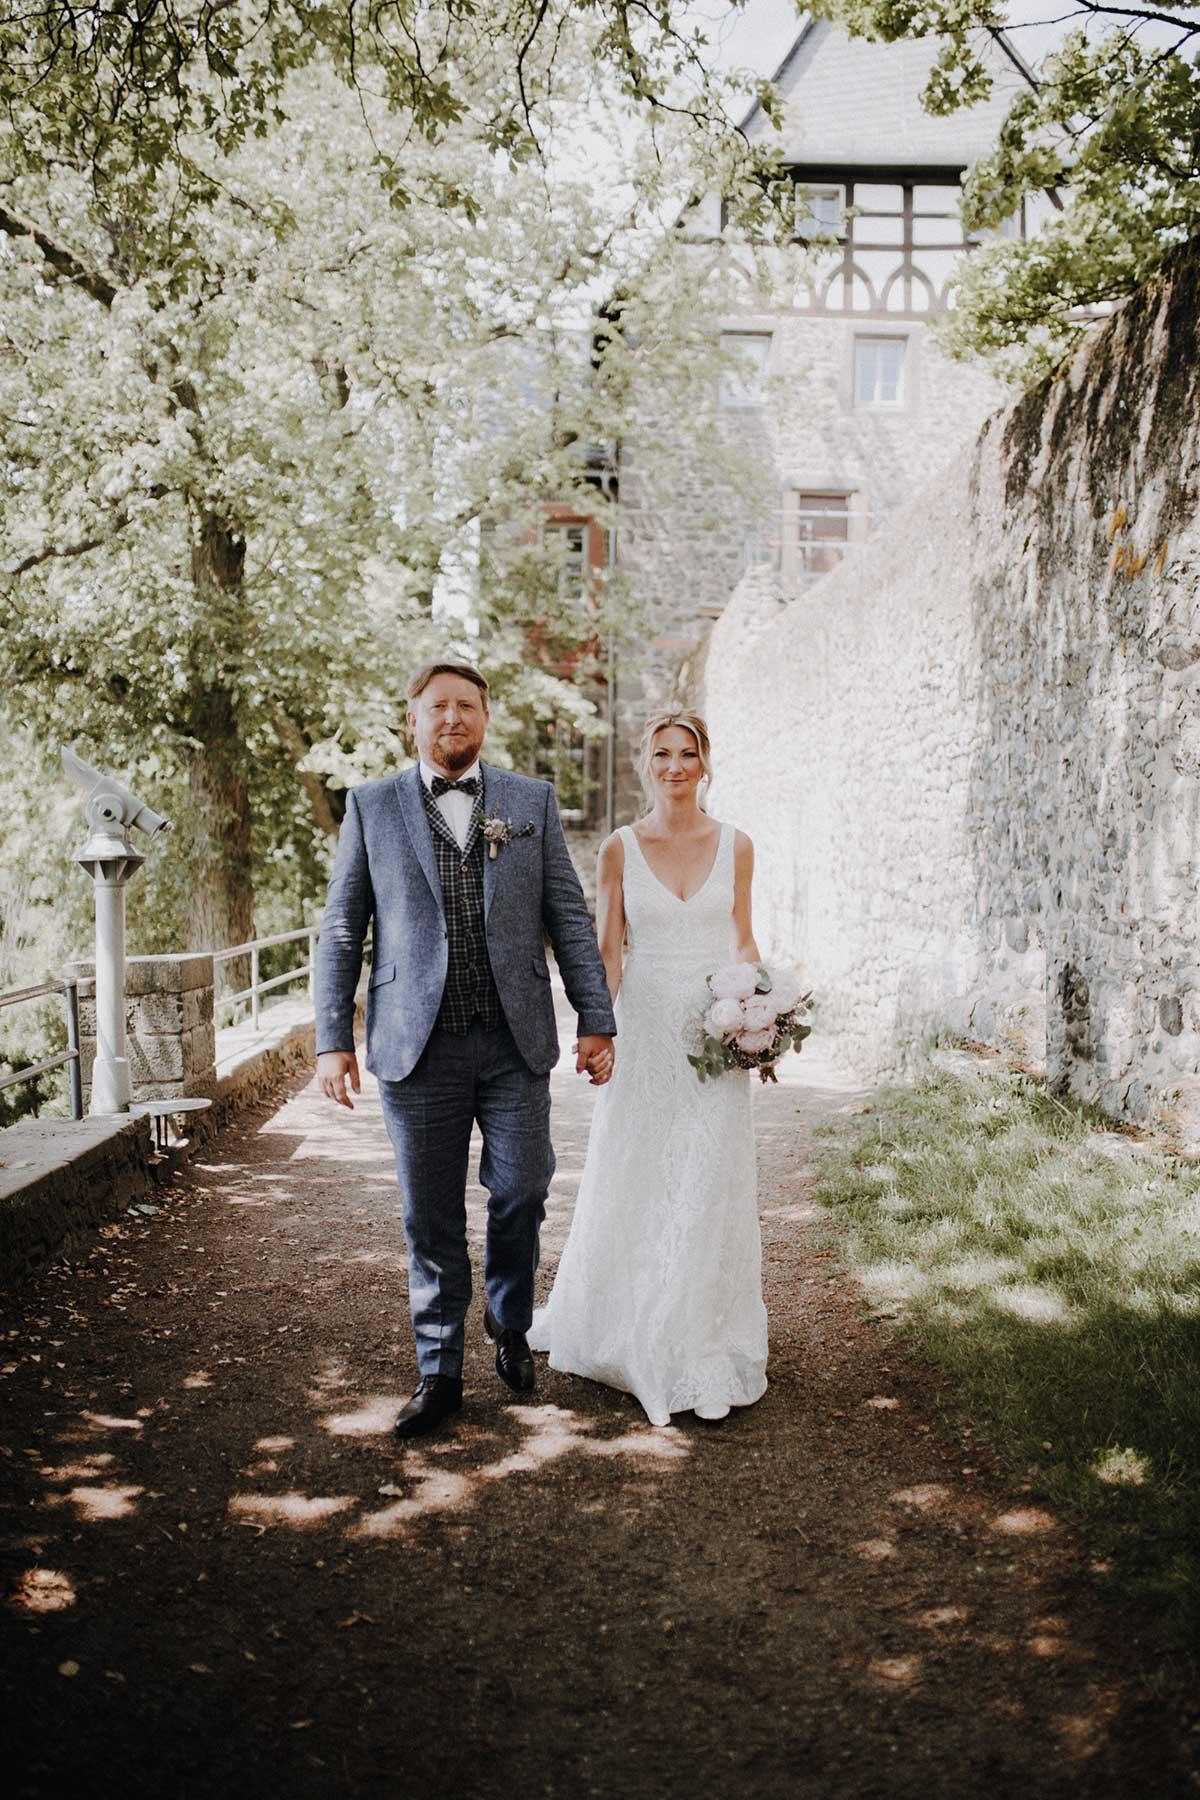 Braut und Bräutigam auf dem Weg zur Trauung